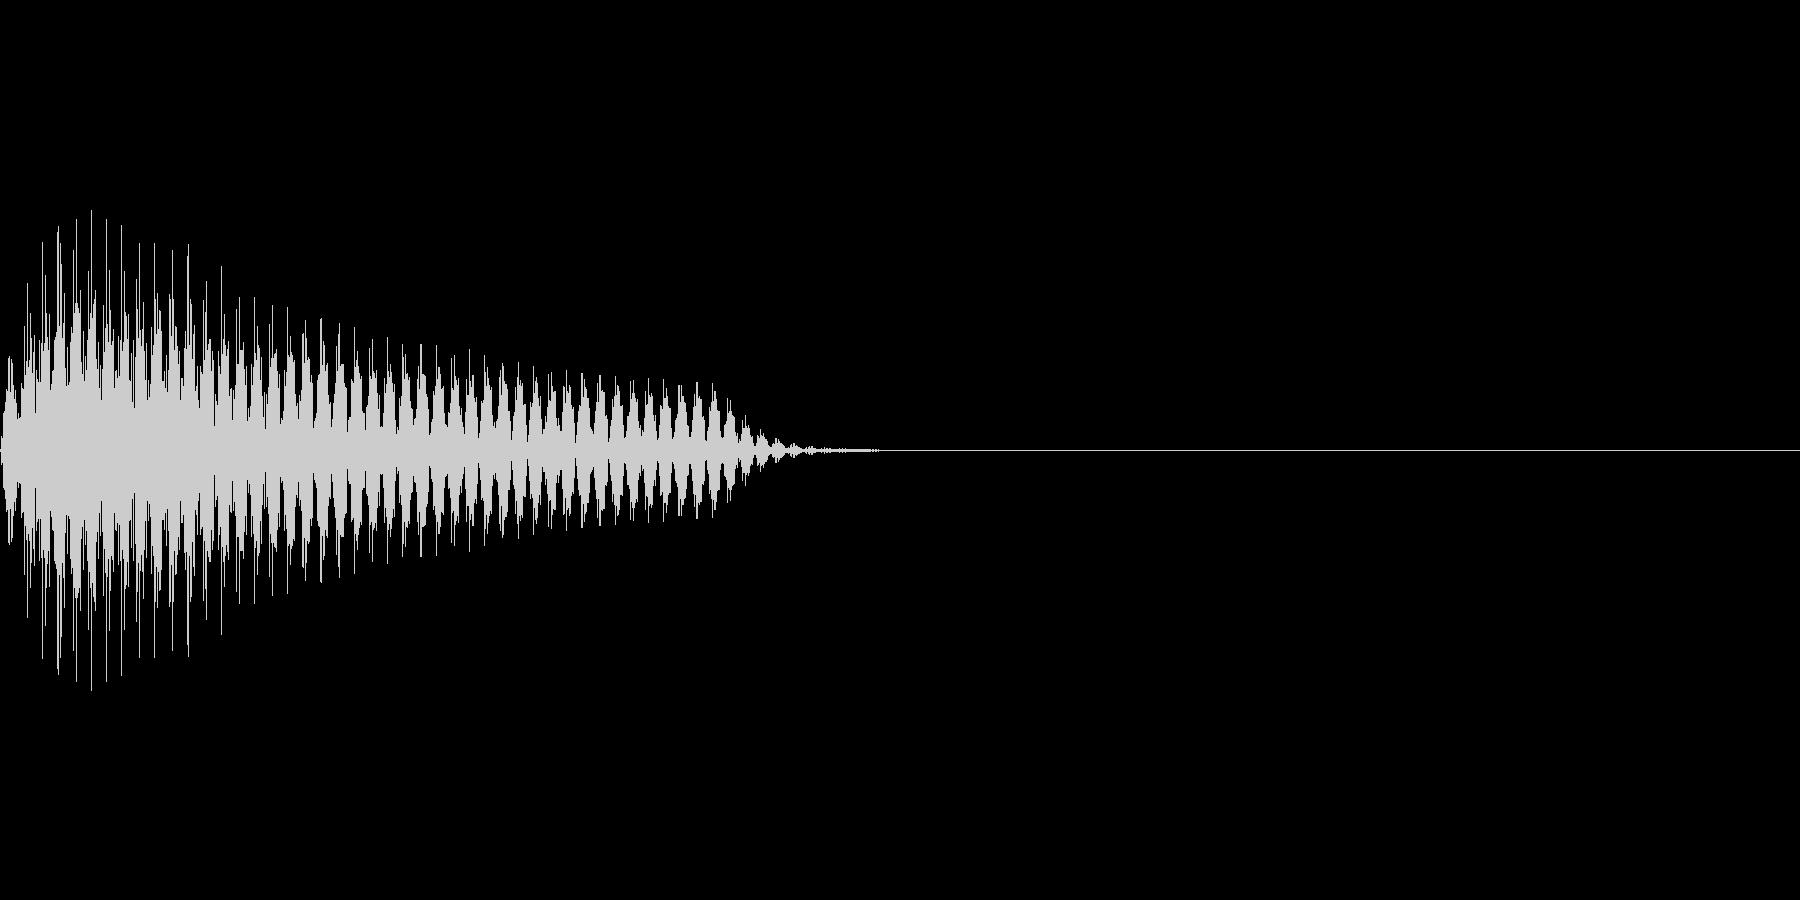 「ファーン(クラクッション)」バスの未再生の波形